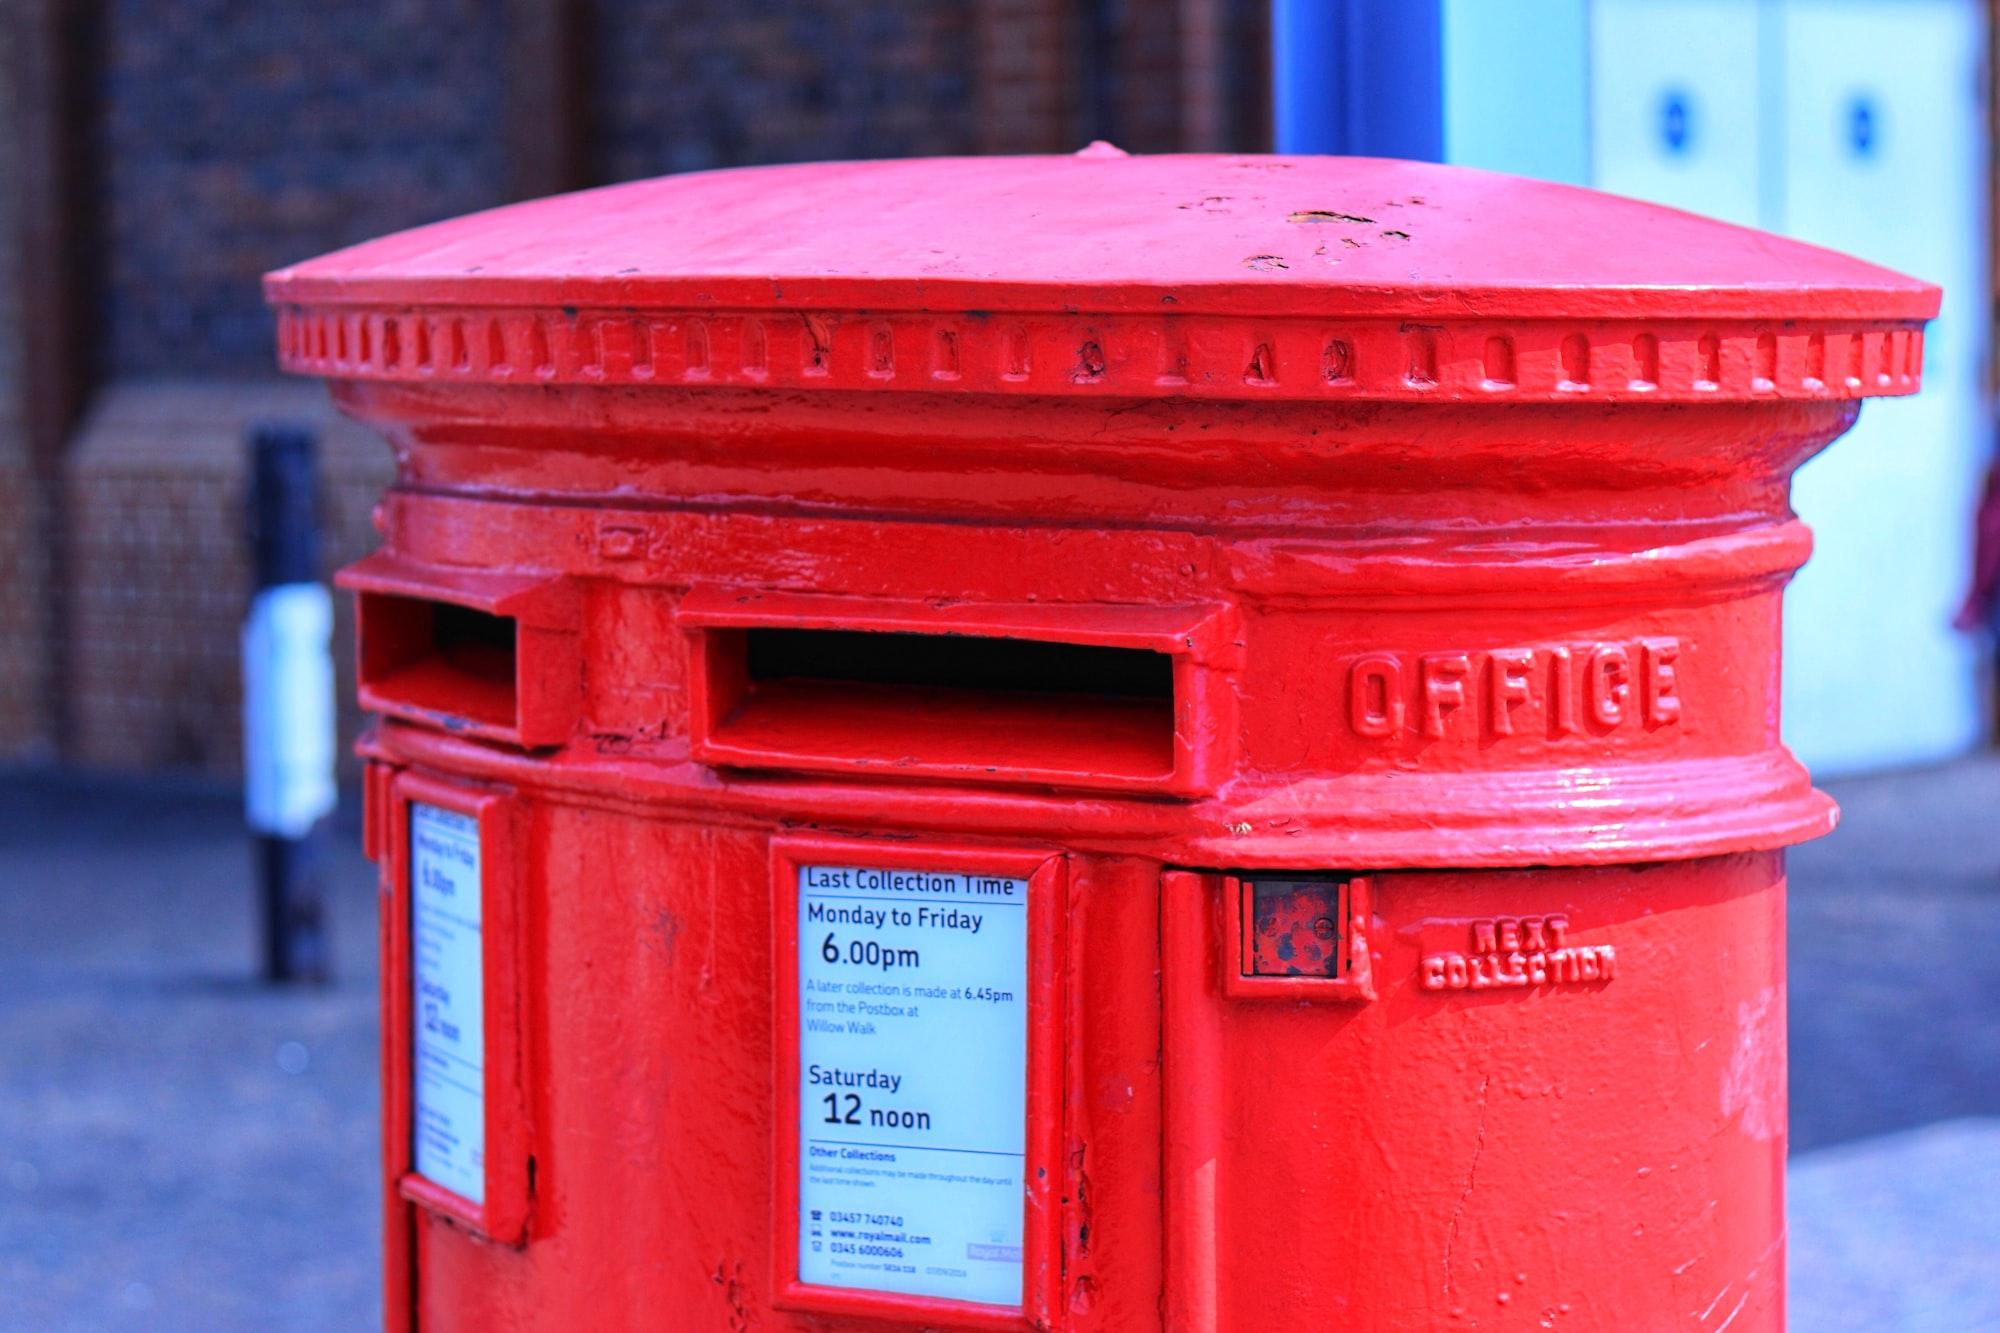 Parcel: онлайн-отслеживание миллиарда посылок